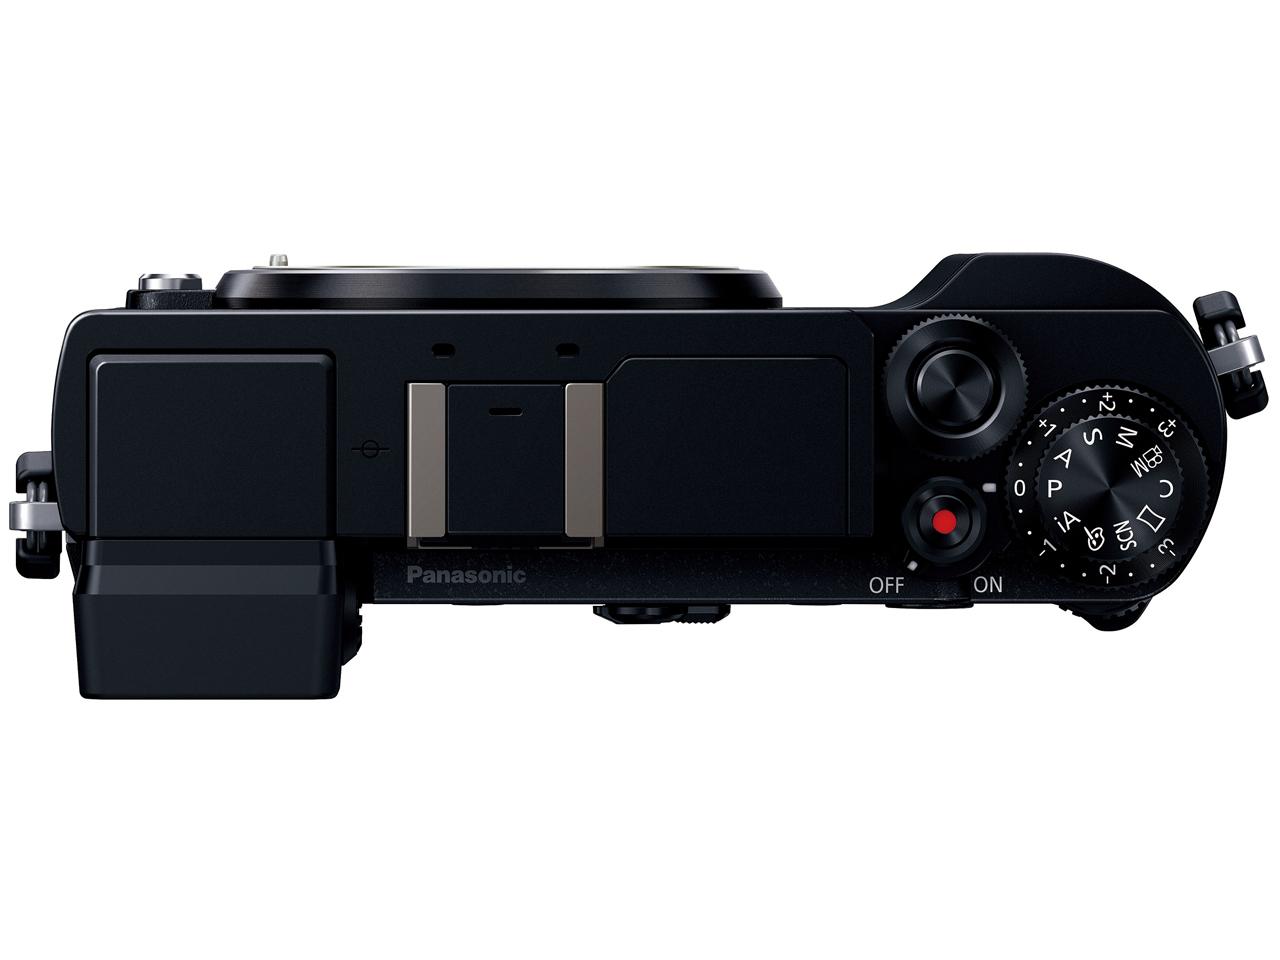 『本体 上面』 LUMIX DC-GX7MK3-K ボディ [ブラック] の製品画像